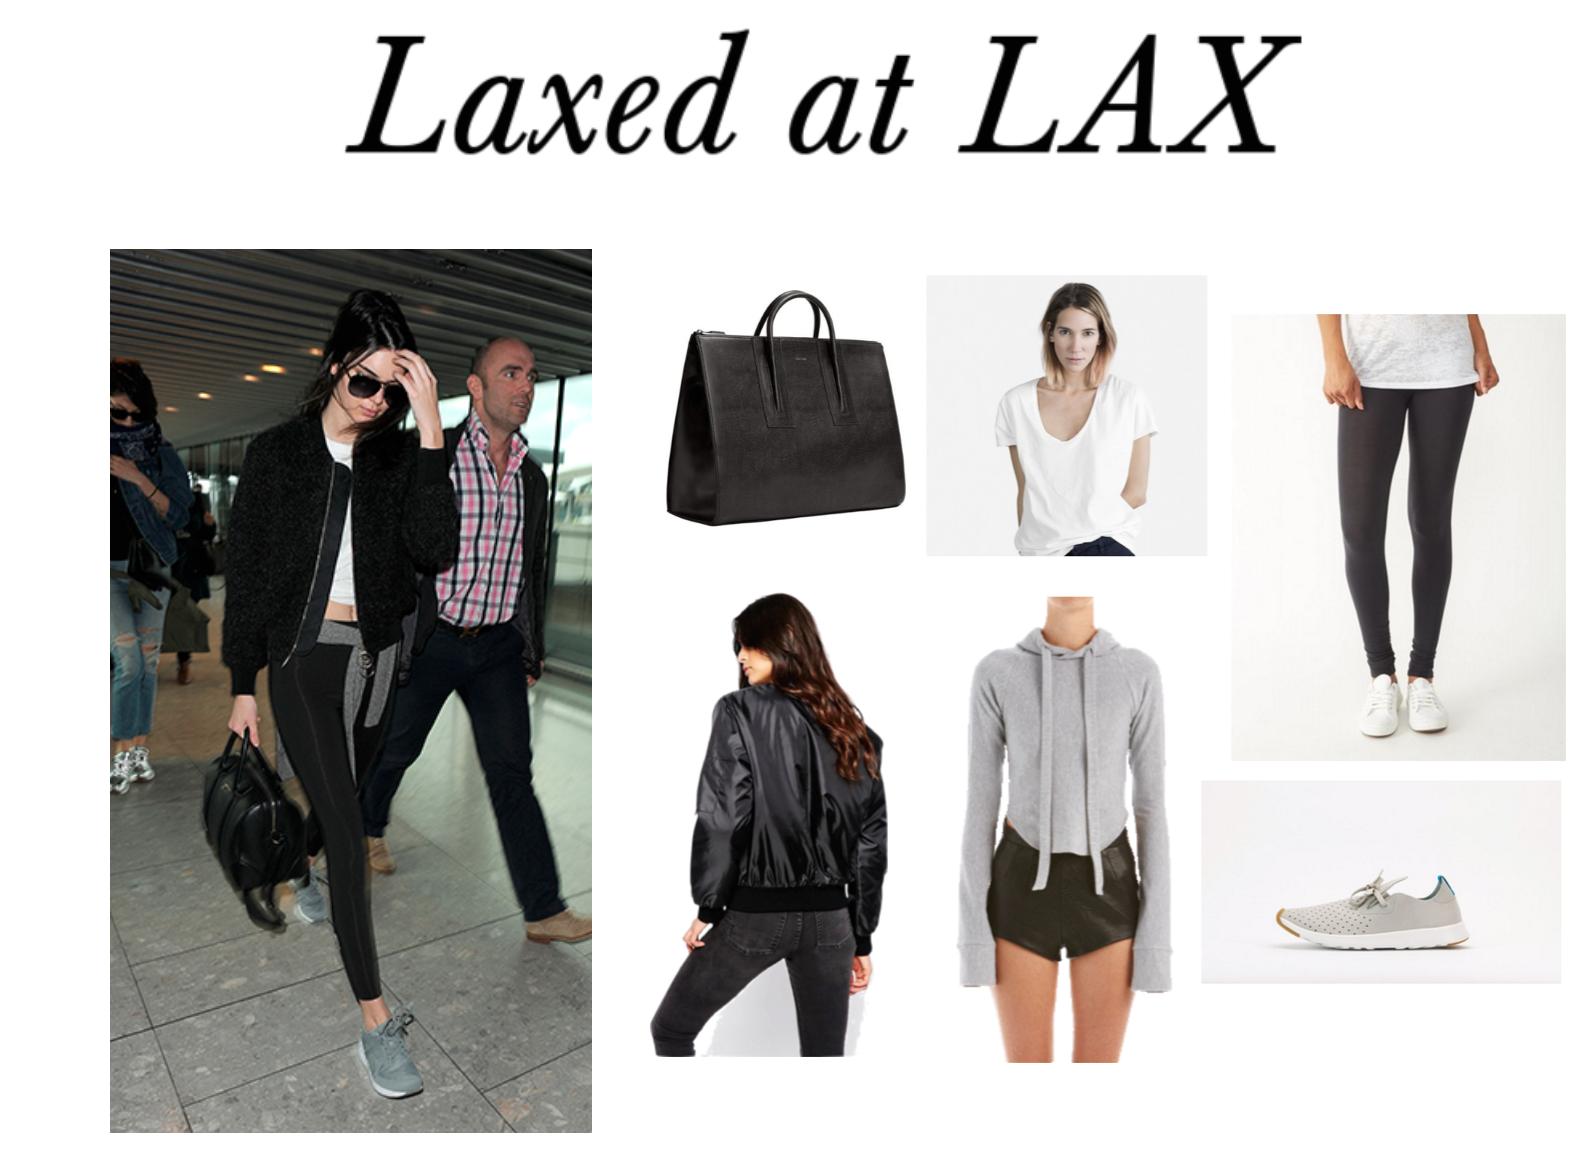 Laxed at LAX